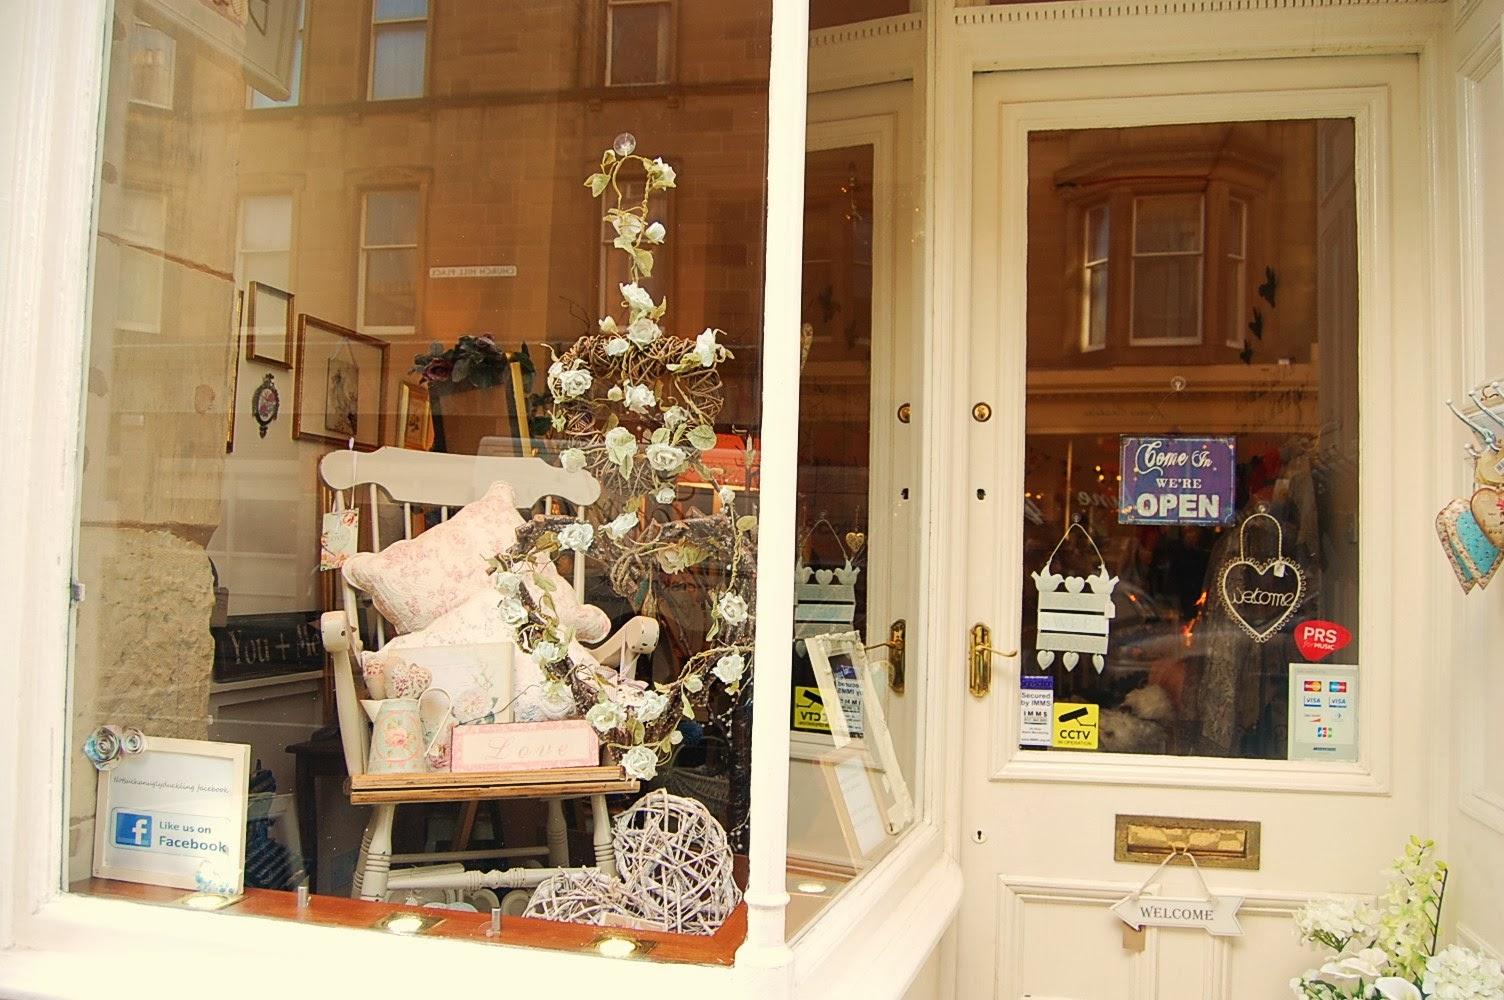 The Ugly Duckling, Vintage Furniture, Edinburgh